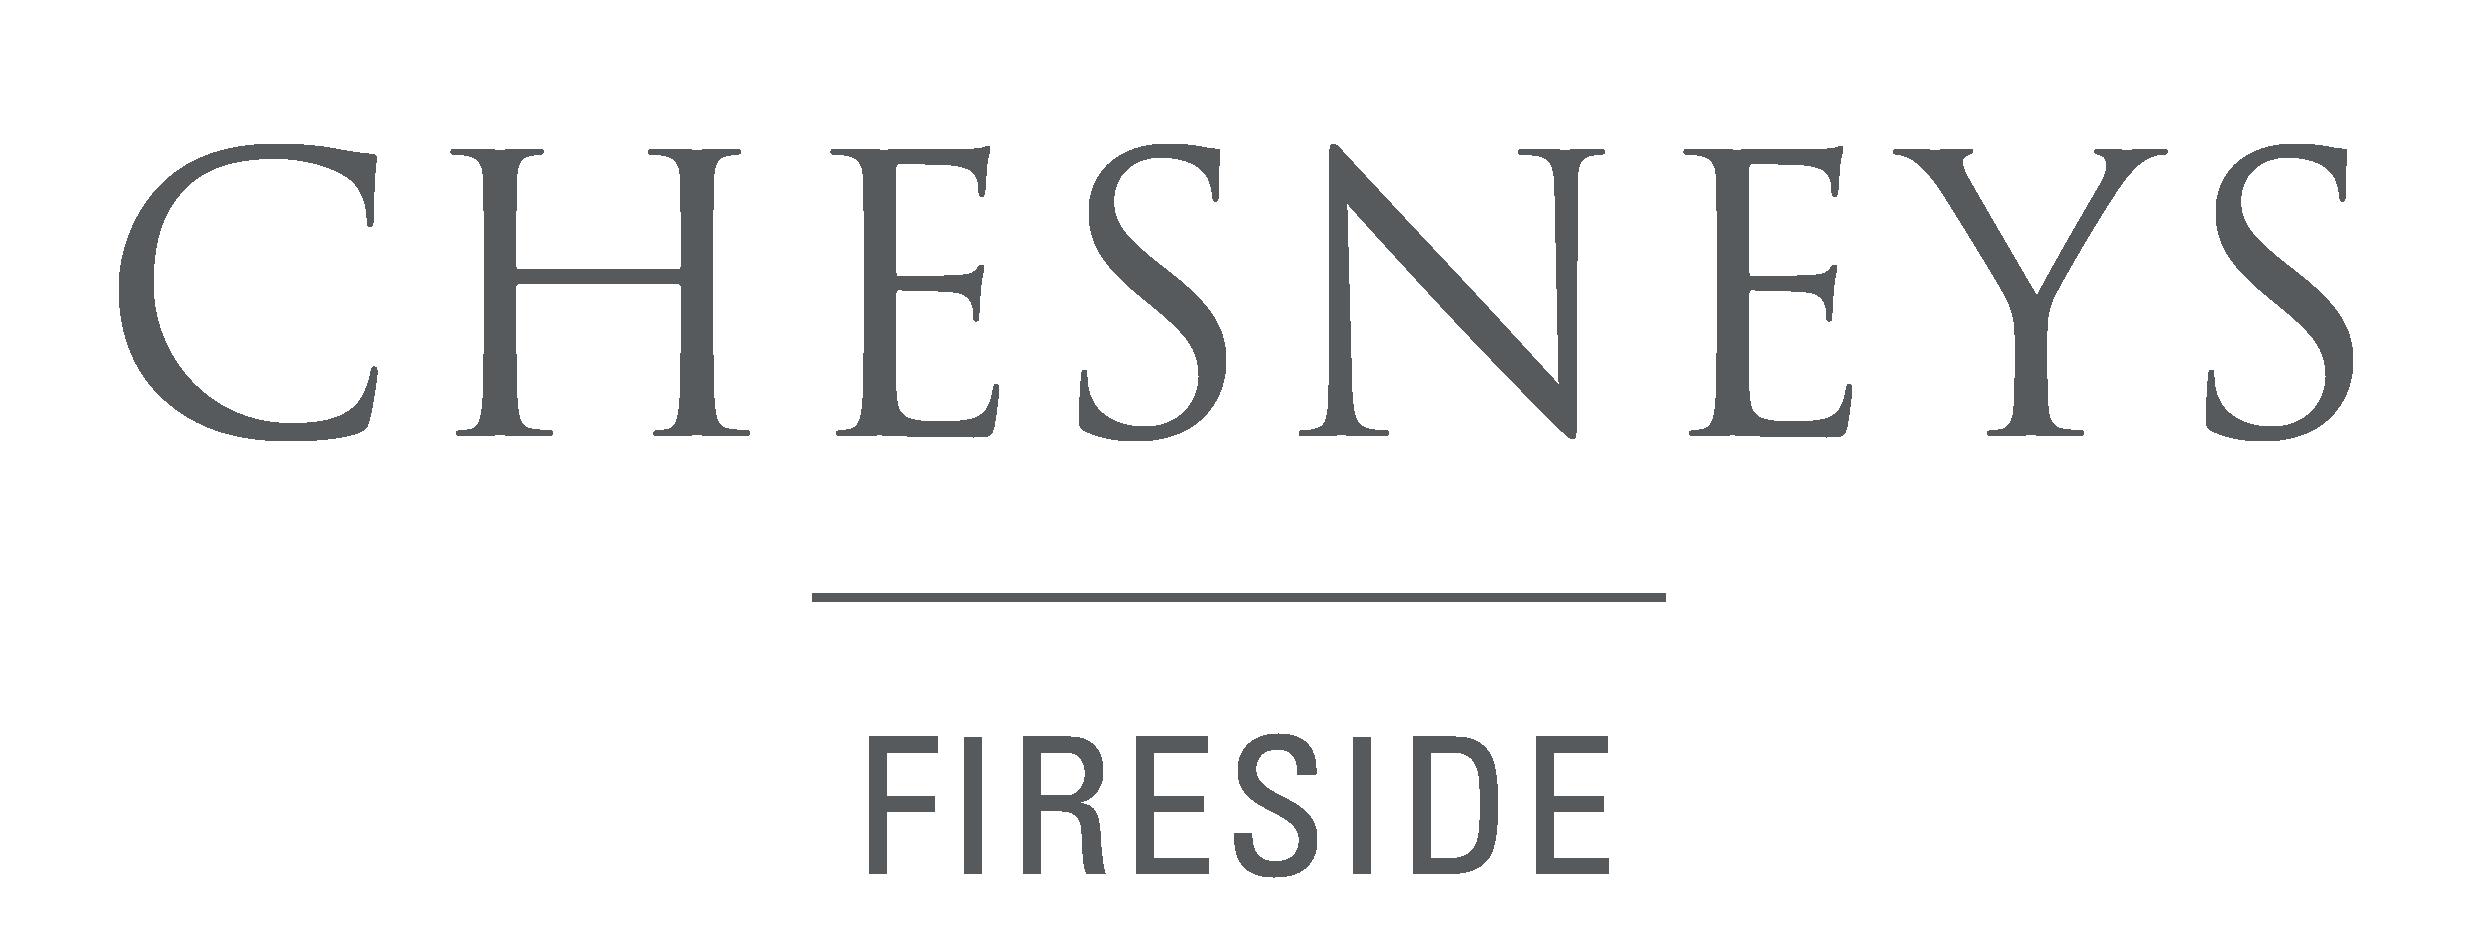 fireside_logo.png